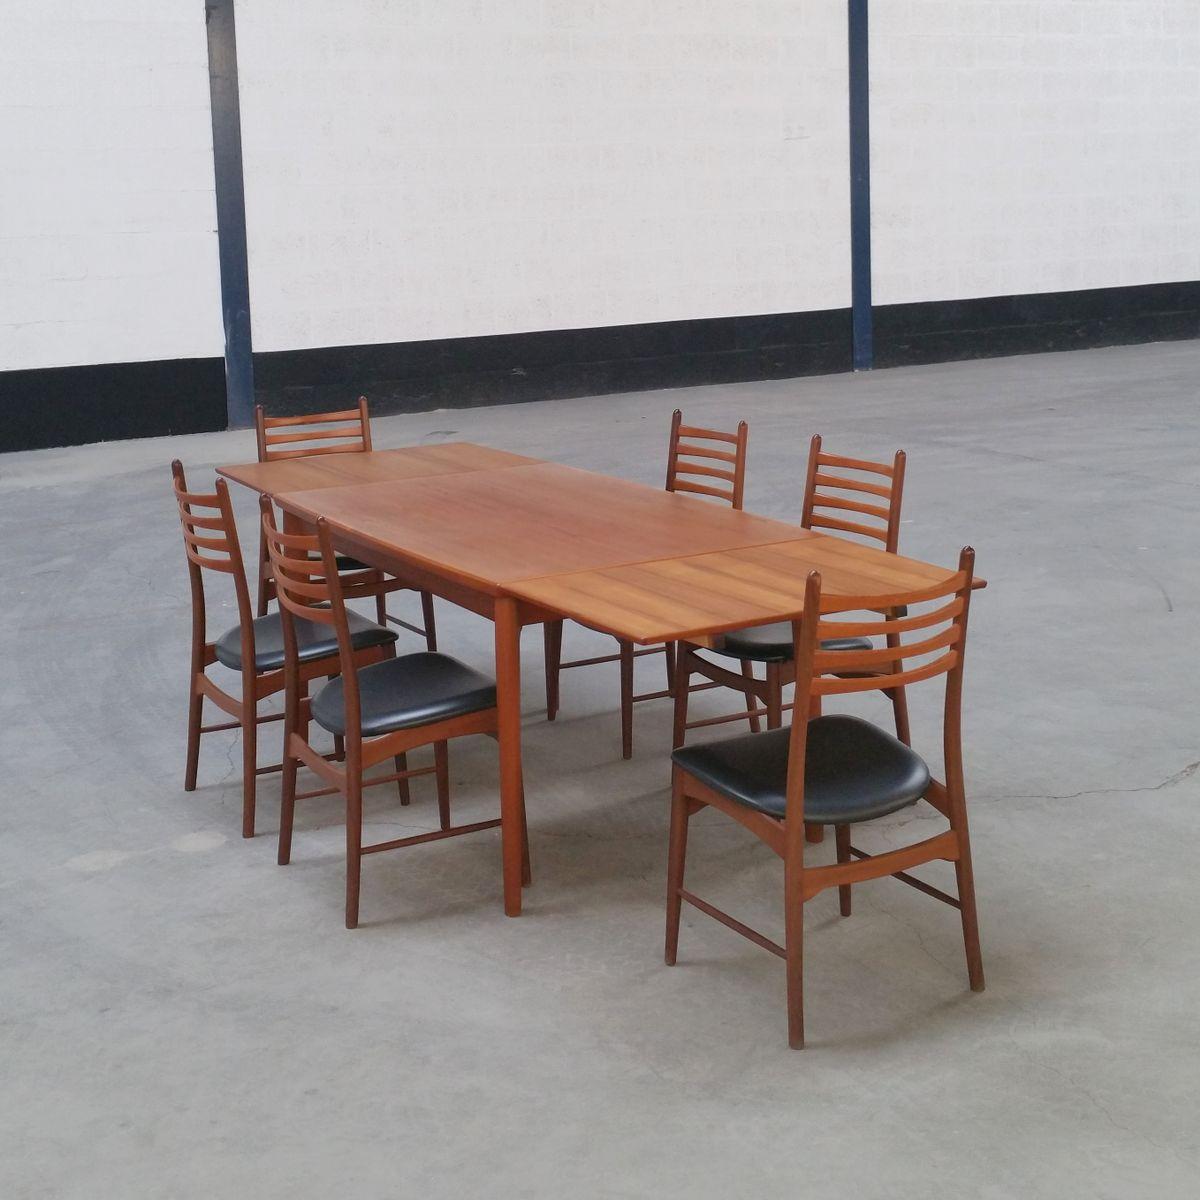 set de salle manger vintage scandinavie 1960s en vente sur pamono. Black Bedroom Furniture Sets. Home Design Ideas